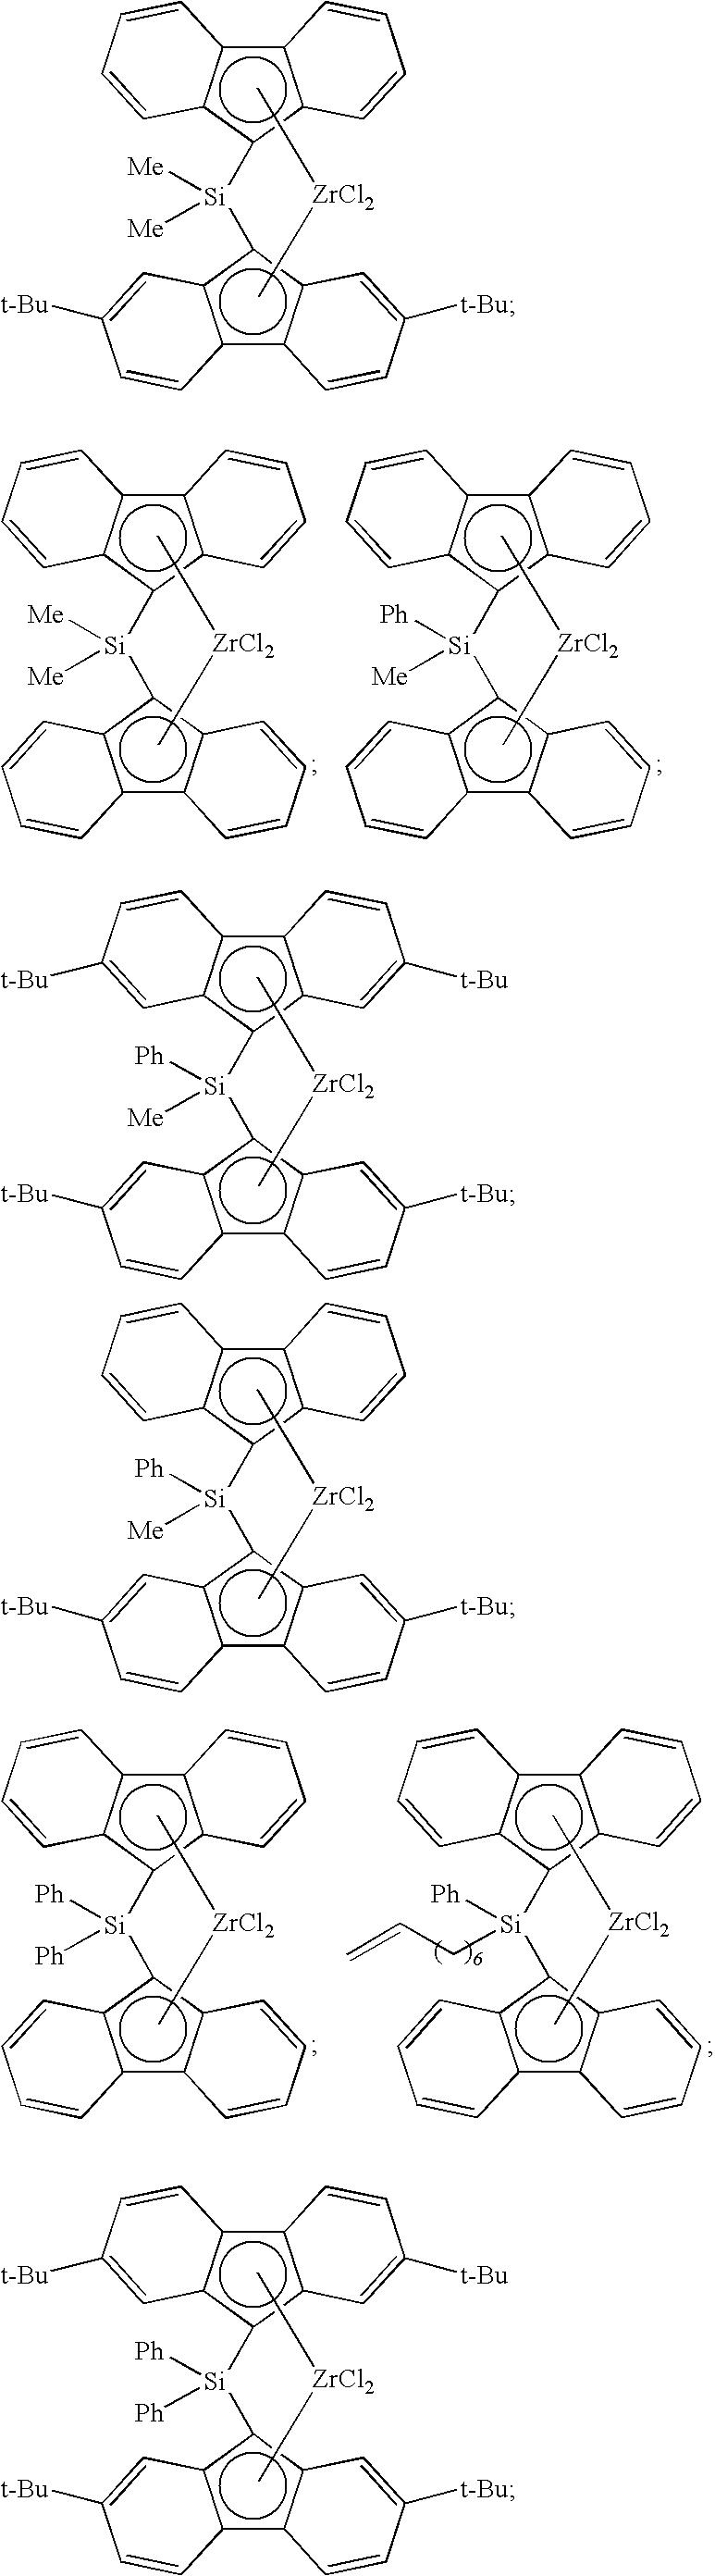 Figure US20100331501A1-20101230-C00023